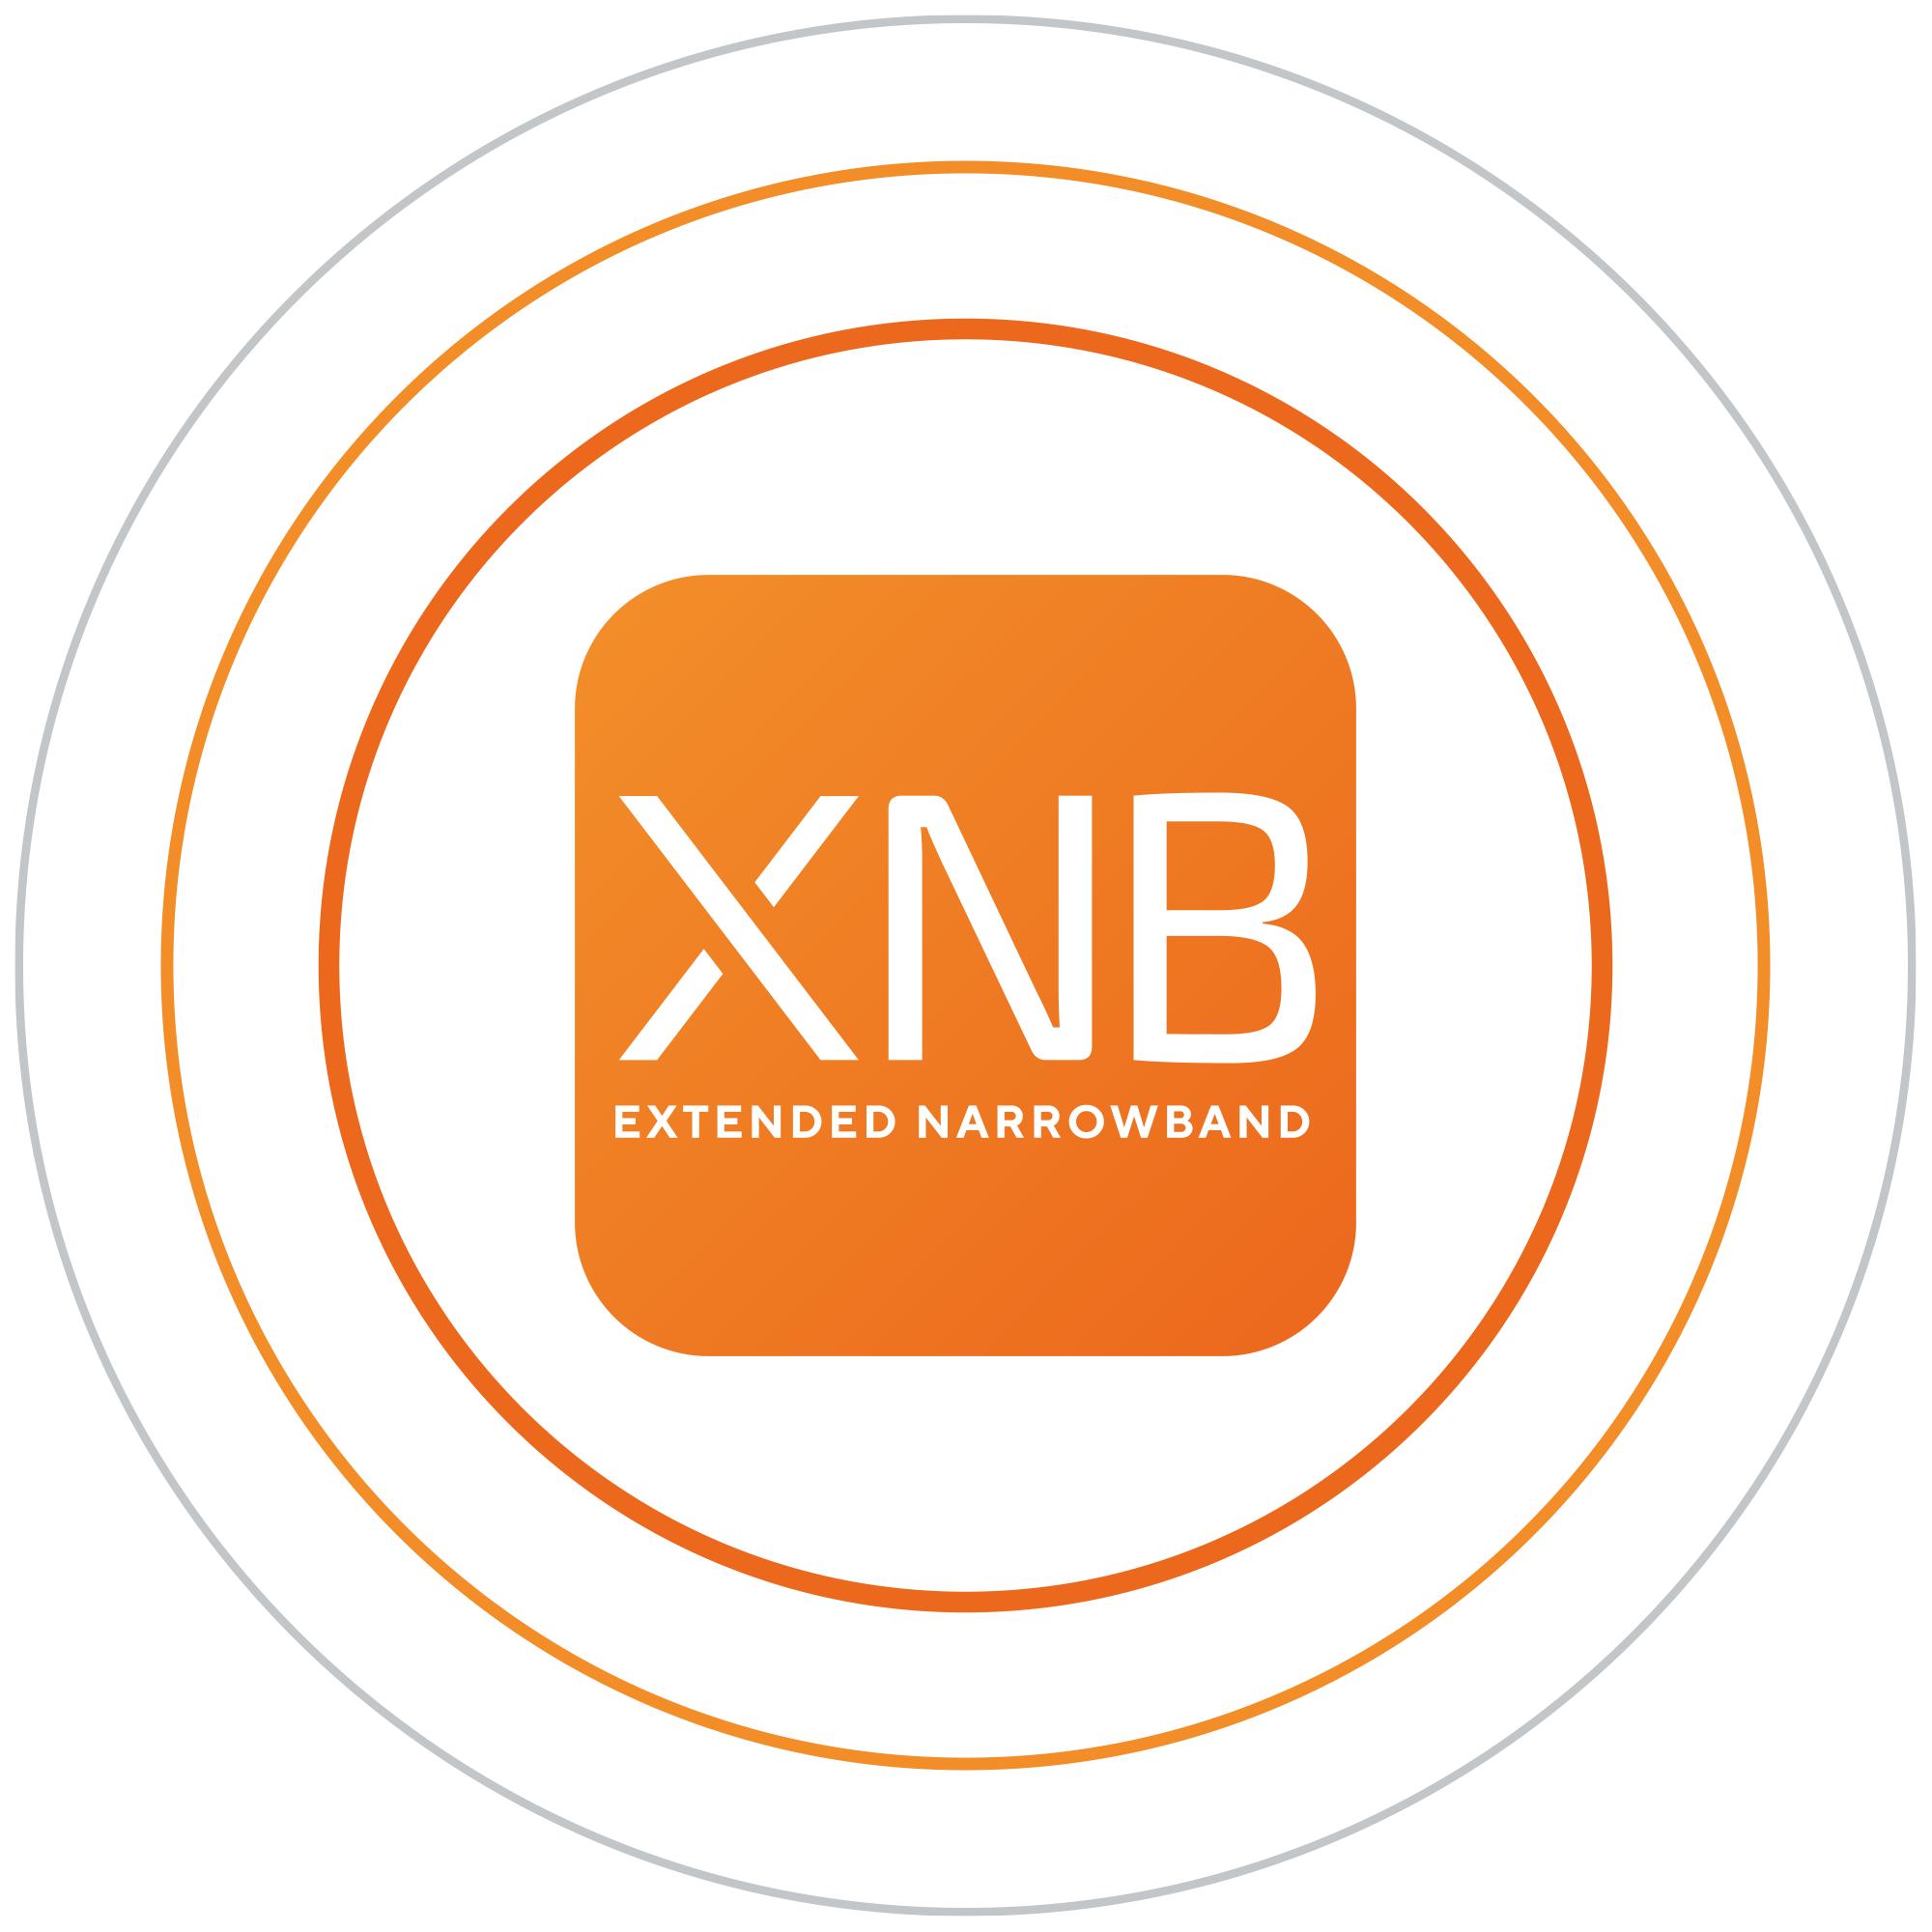 XNB_2